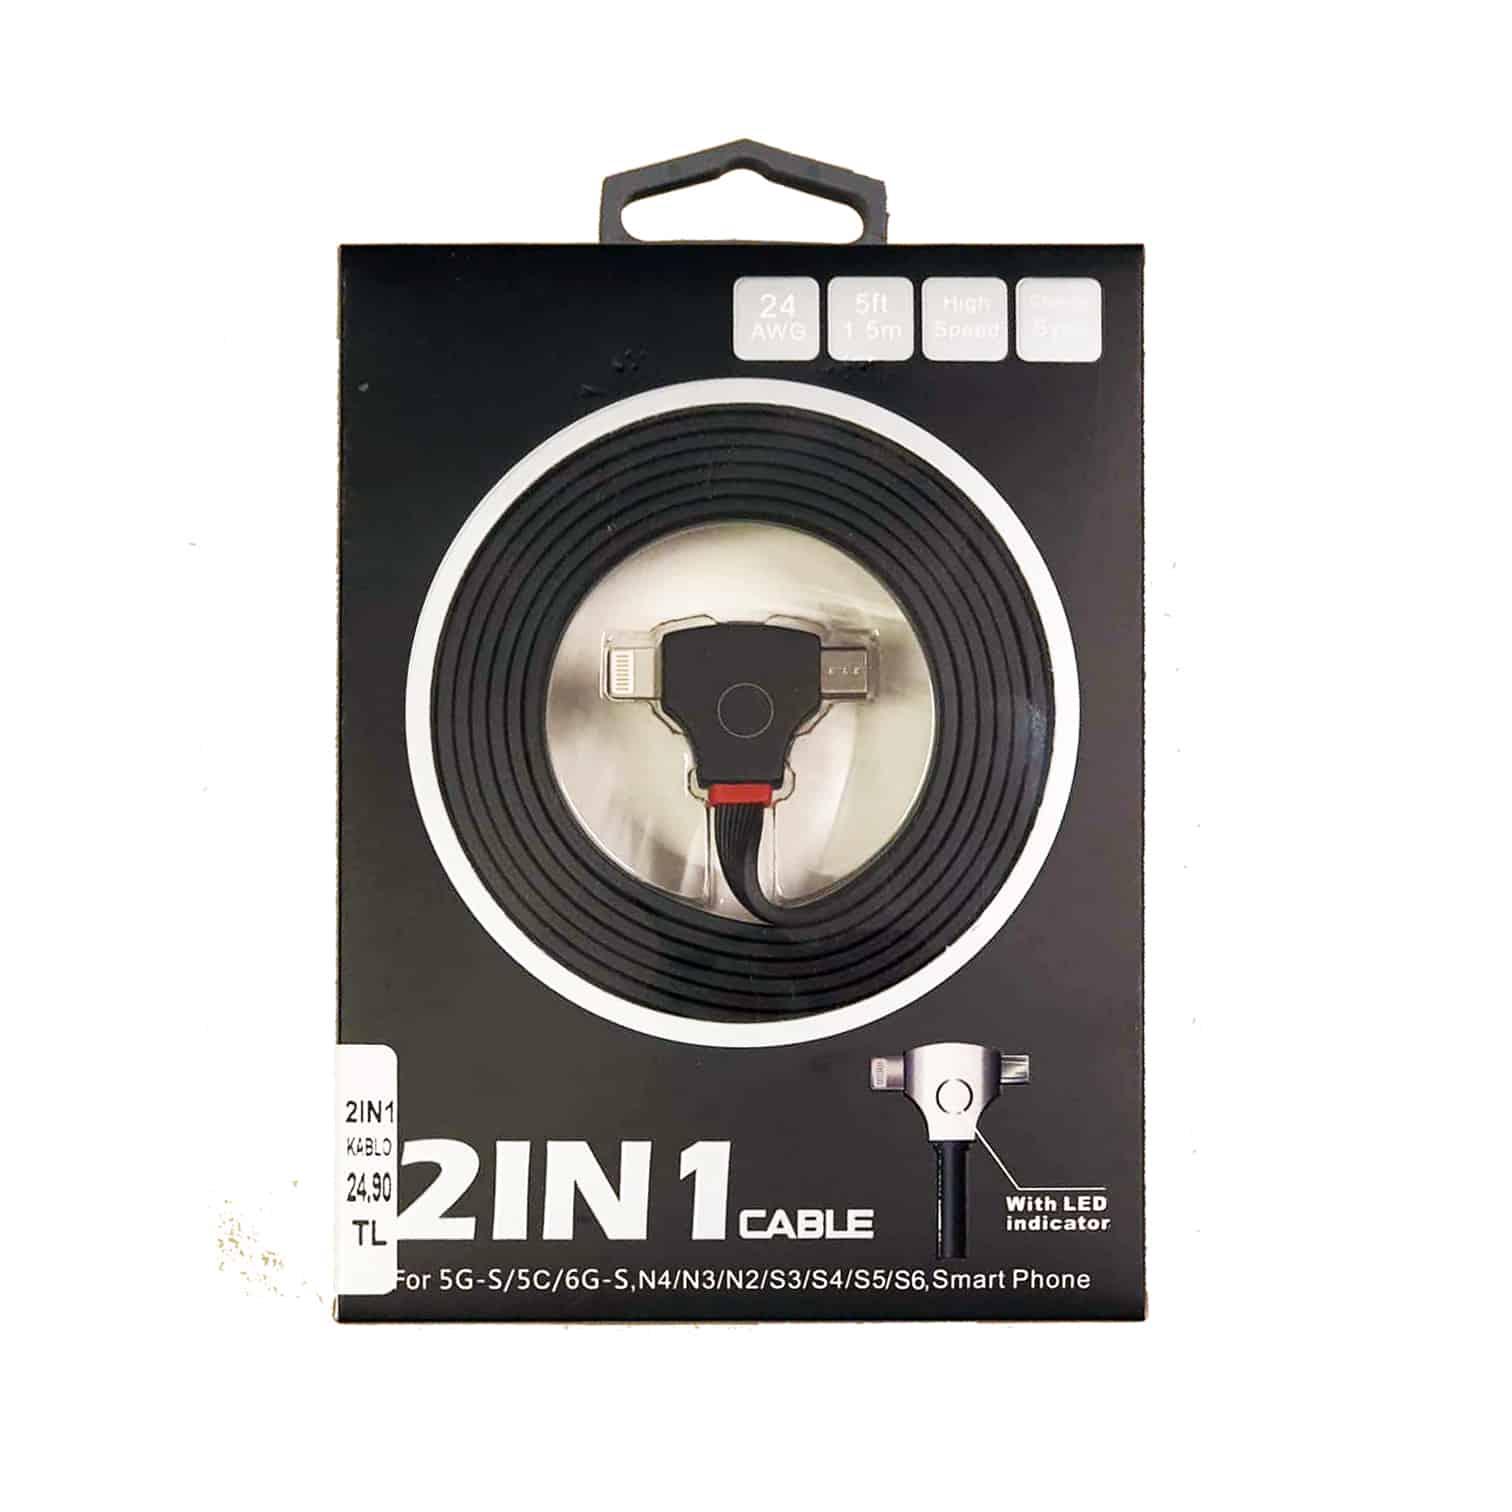 2IN1(MIC-USB) 1.5mt USB Şarj Kablosu